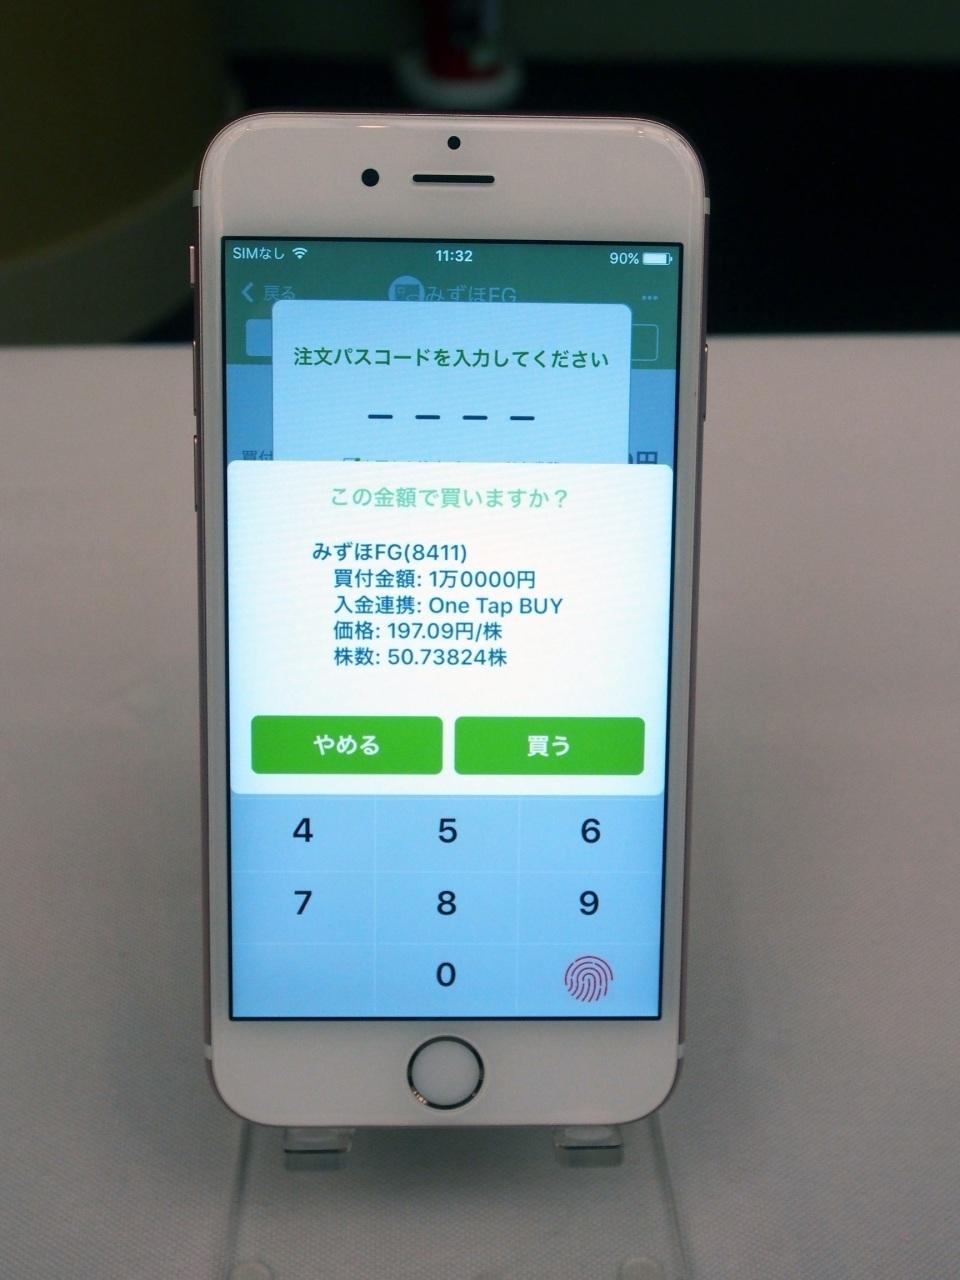 1000円で株主に!証券取引アプリ「One Tap Buy」が日本株個別銘柄の取り扱いスタート 11番目の画像